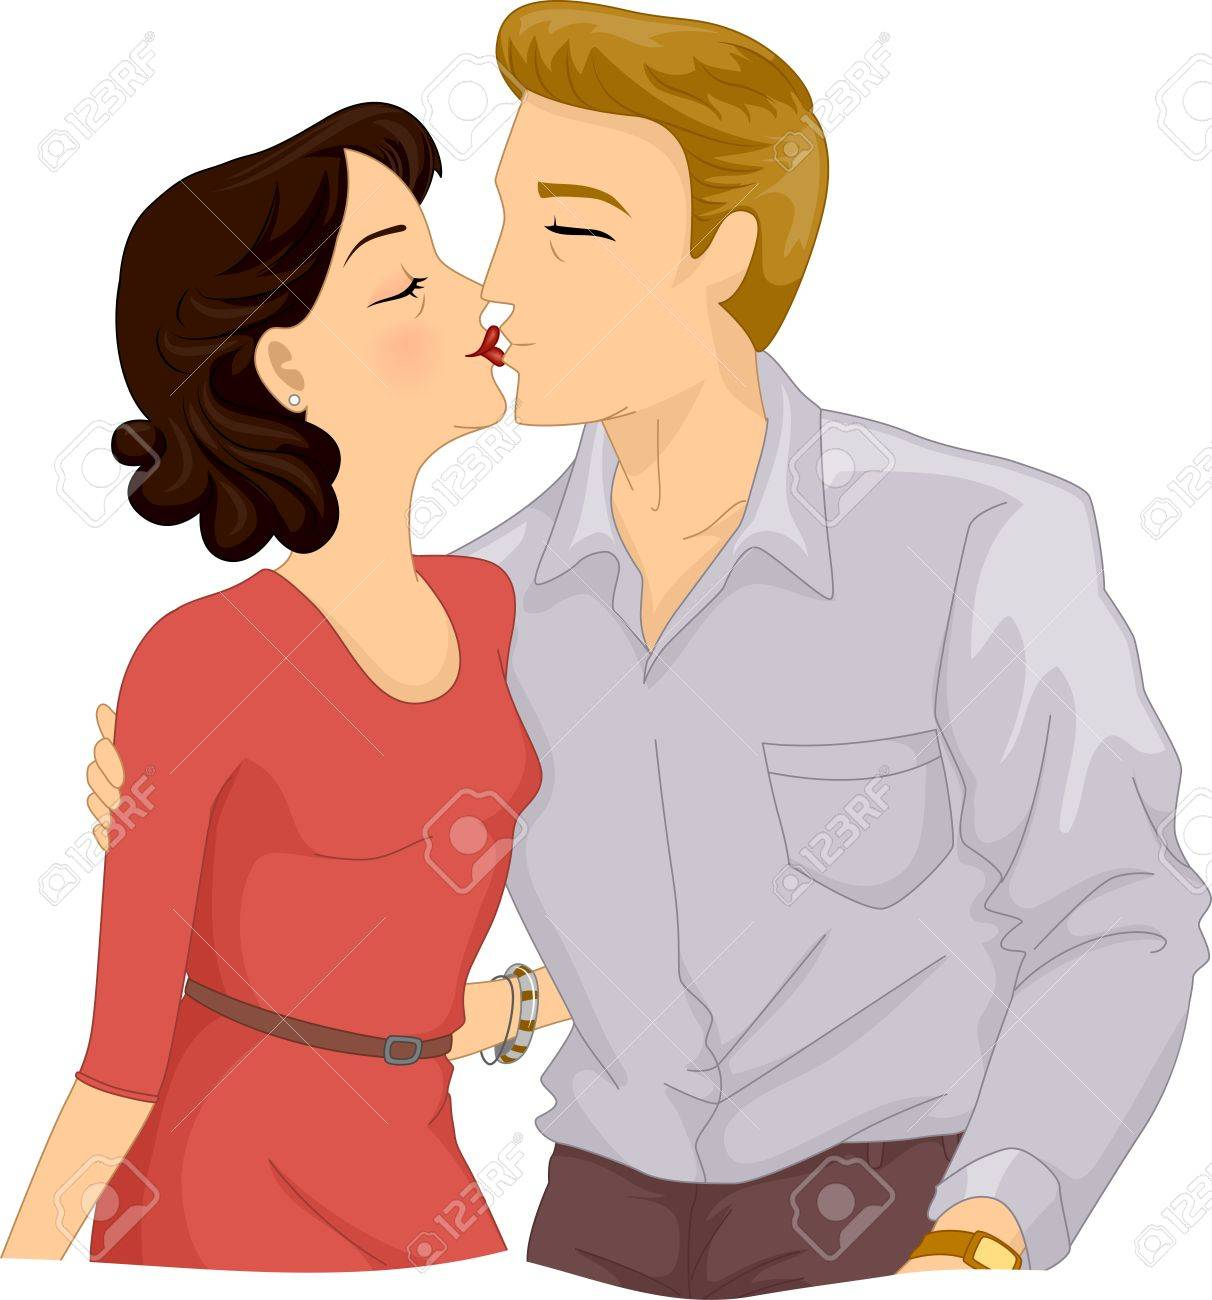 それ以上の年齢のカップル キス唇にロマンチックなイラスト